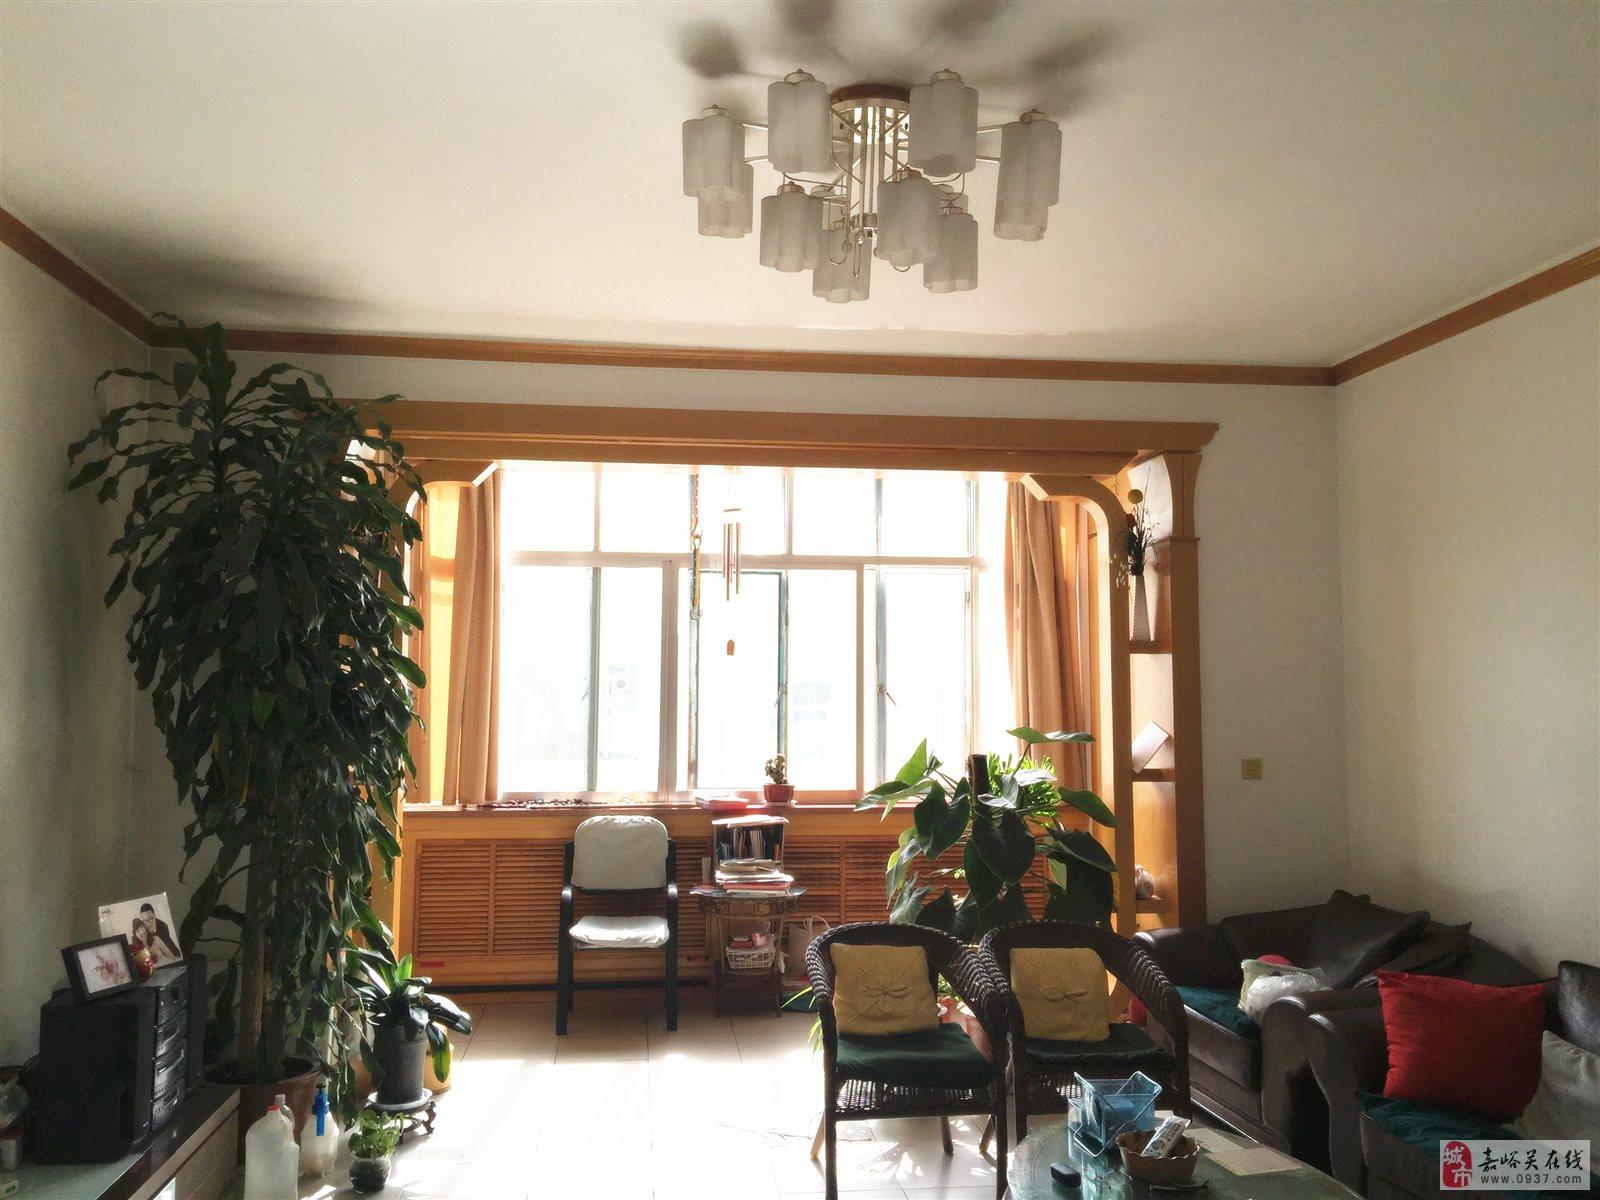 出售长城街三室两厅一卫精装修带高档家具二手房一套高清图片